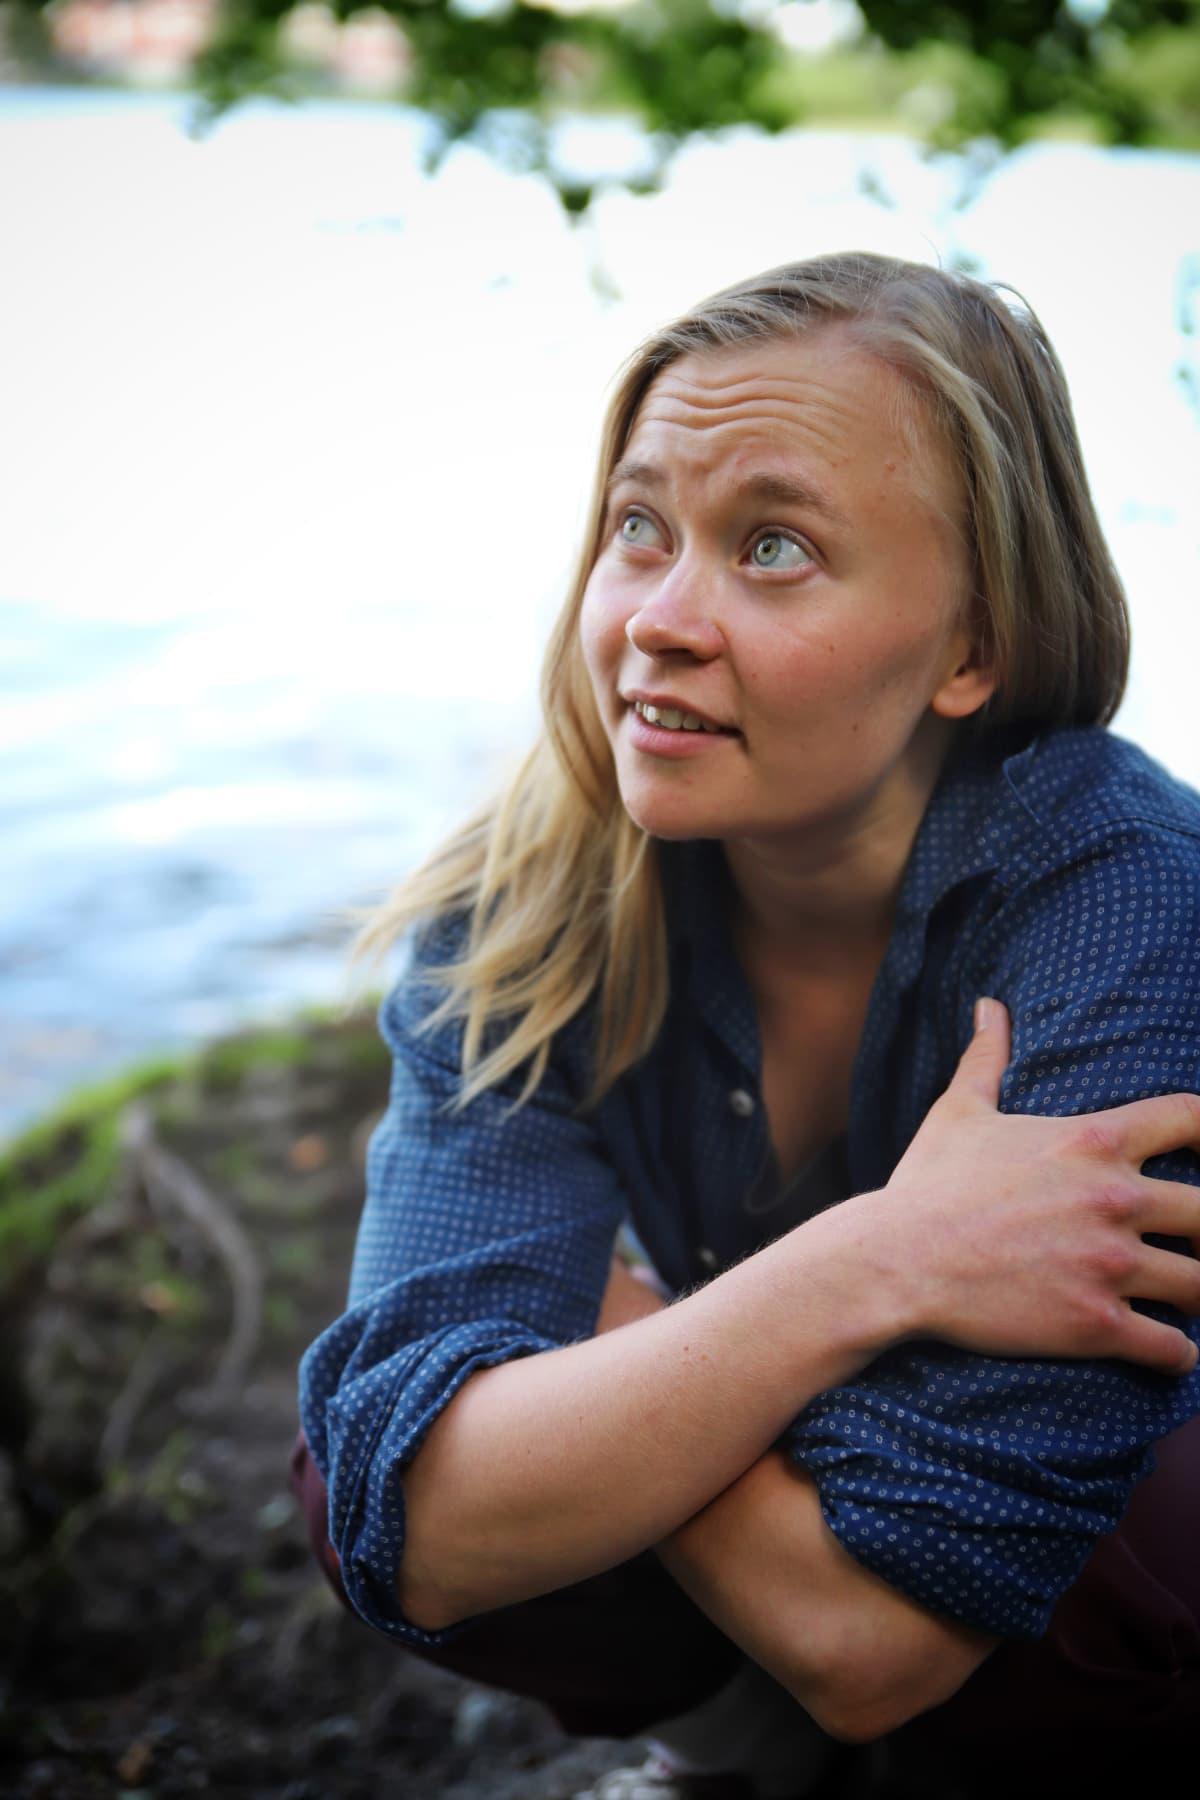 Eeva Rajakangas katsoo taivaalle Tohloppi-järven rannalla.